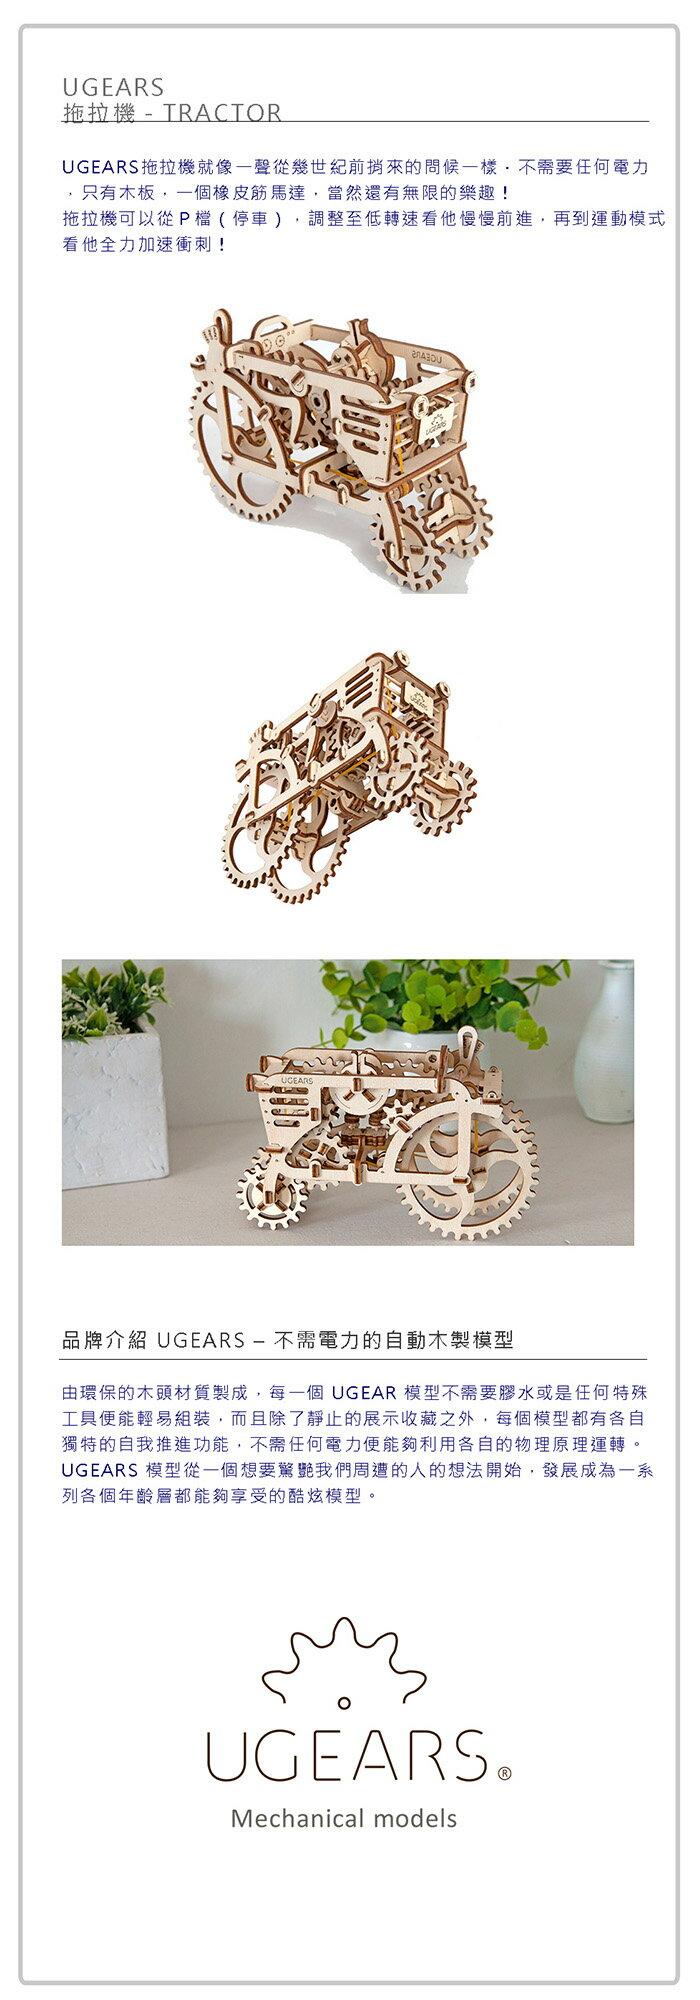 Ugears 自我推進模型 (Tractor 拖拉機)